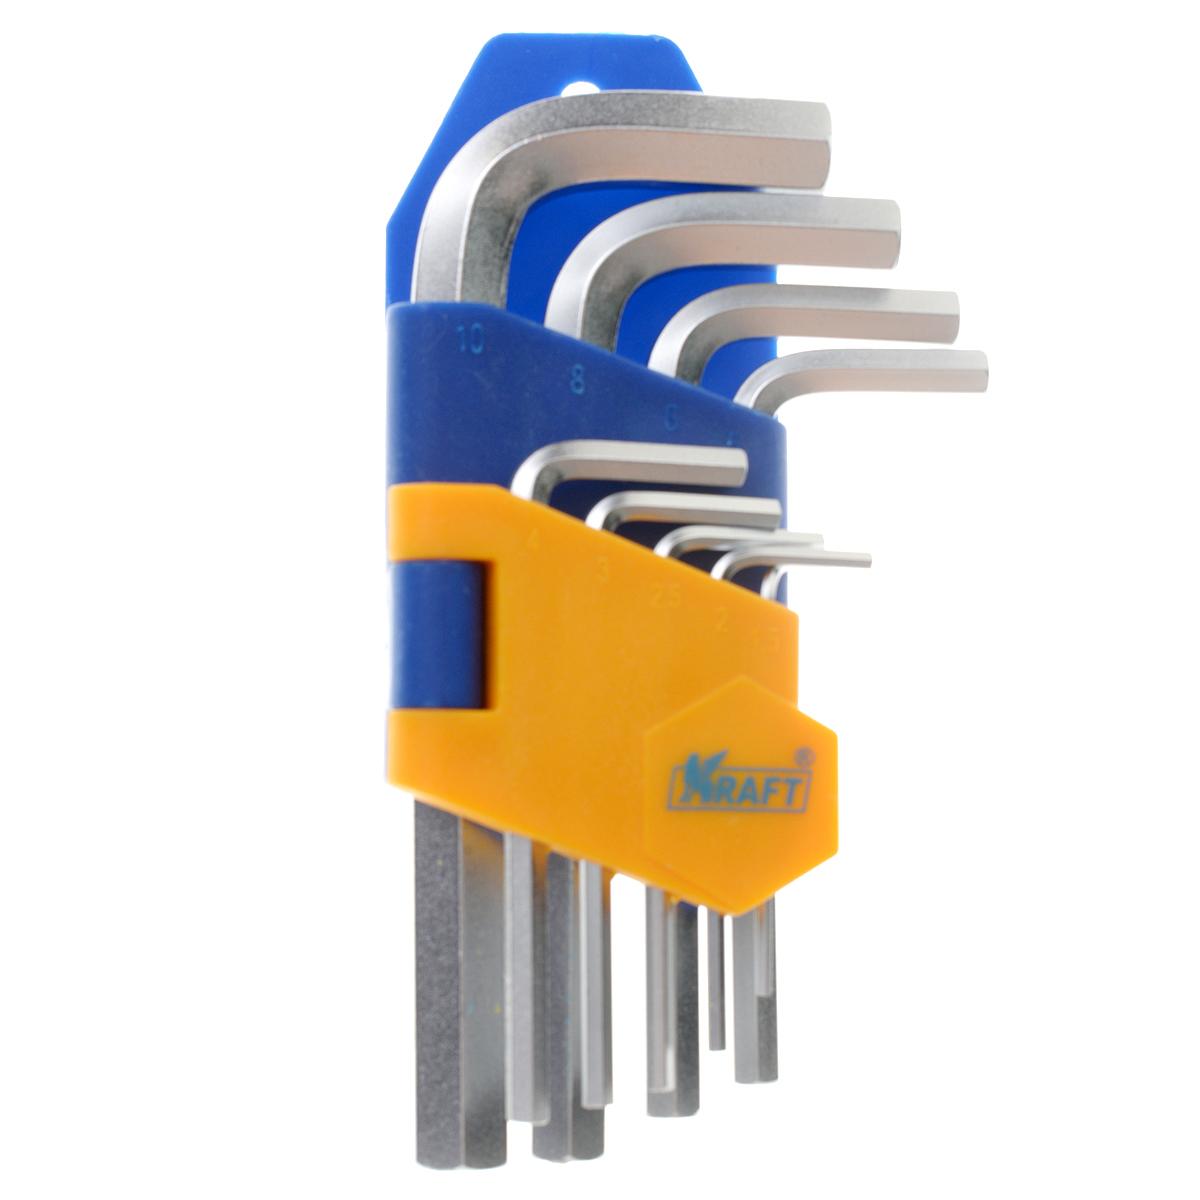 Набор ключей шестигранных Kraft Professional, коротких, 1,5 мм - 10 мм, 9 штКТ700570Набор шестигранных удлиненных ключей Kraft Professional предназначен для работы с крепежными элементами, имеющими внутренний шестигранник. Все ключи выполнены из высококачественной хромованадиевой стали. Твердость по Роквеллу 52-55 HRc.В набор входят ключи: 1,5 мм, 2 мм, 2,5 мм, 3 мм, 4 мм, 5 мм, 6 мм, 8 мм, 10 мм.